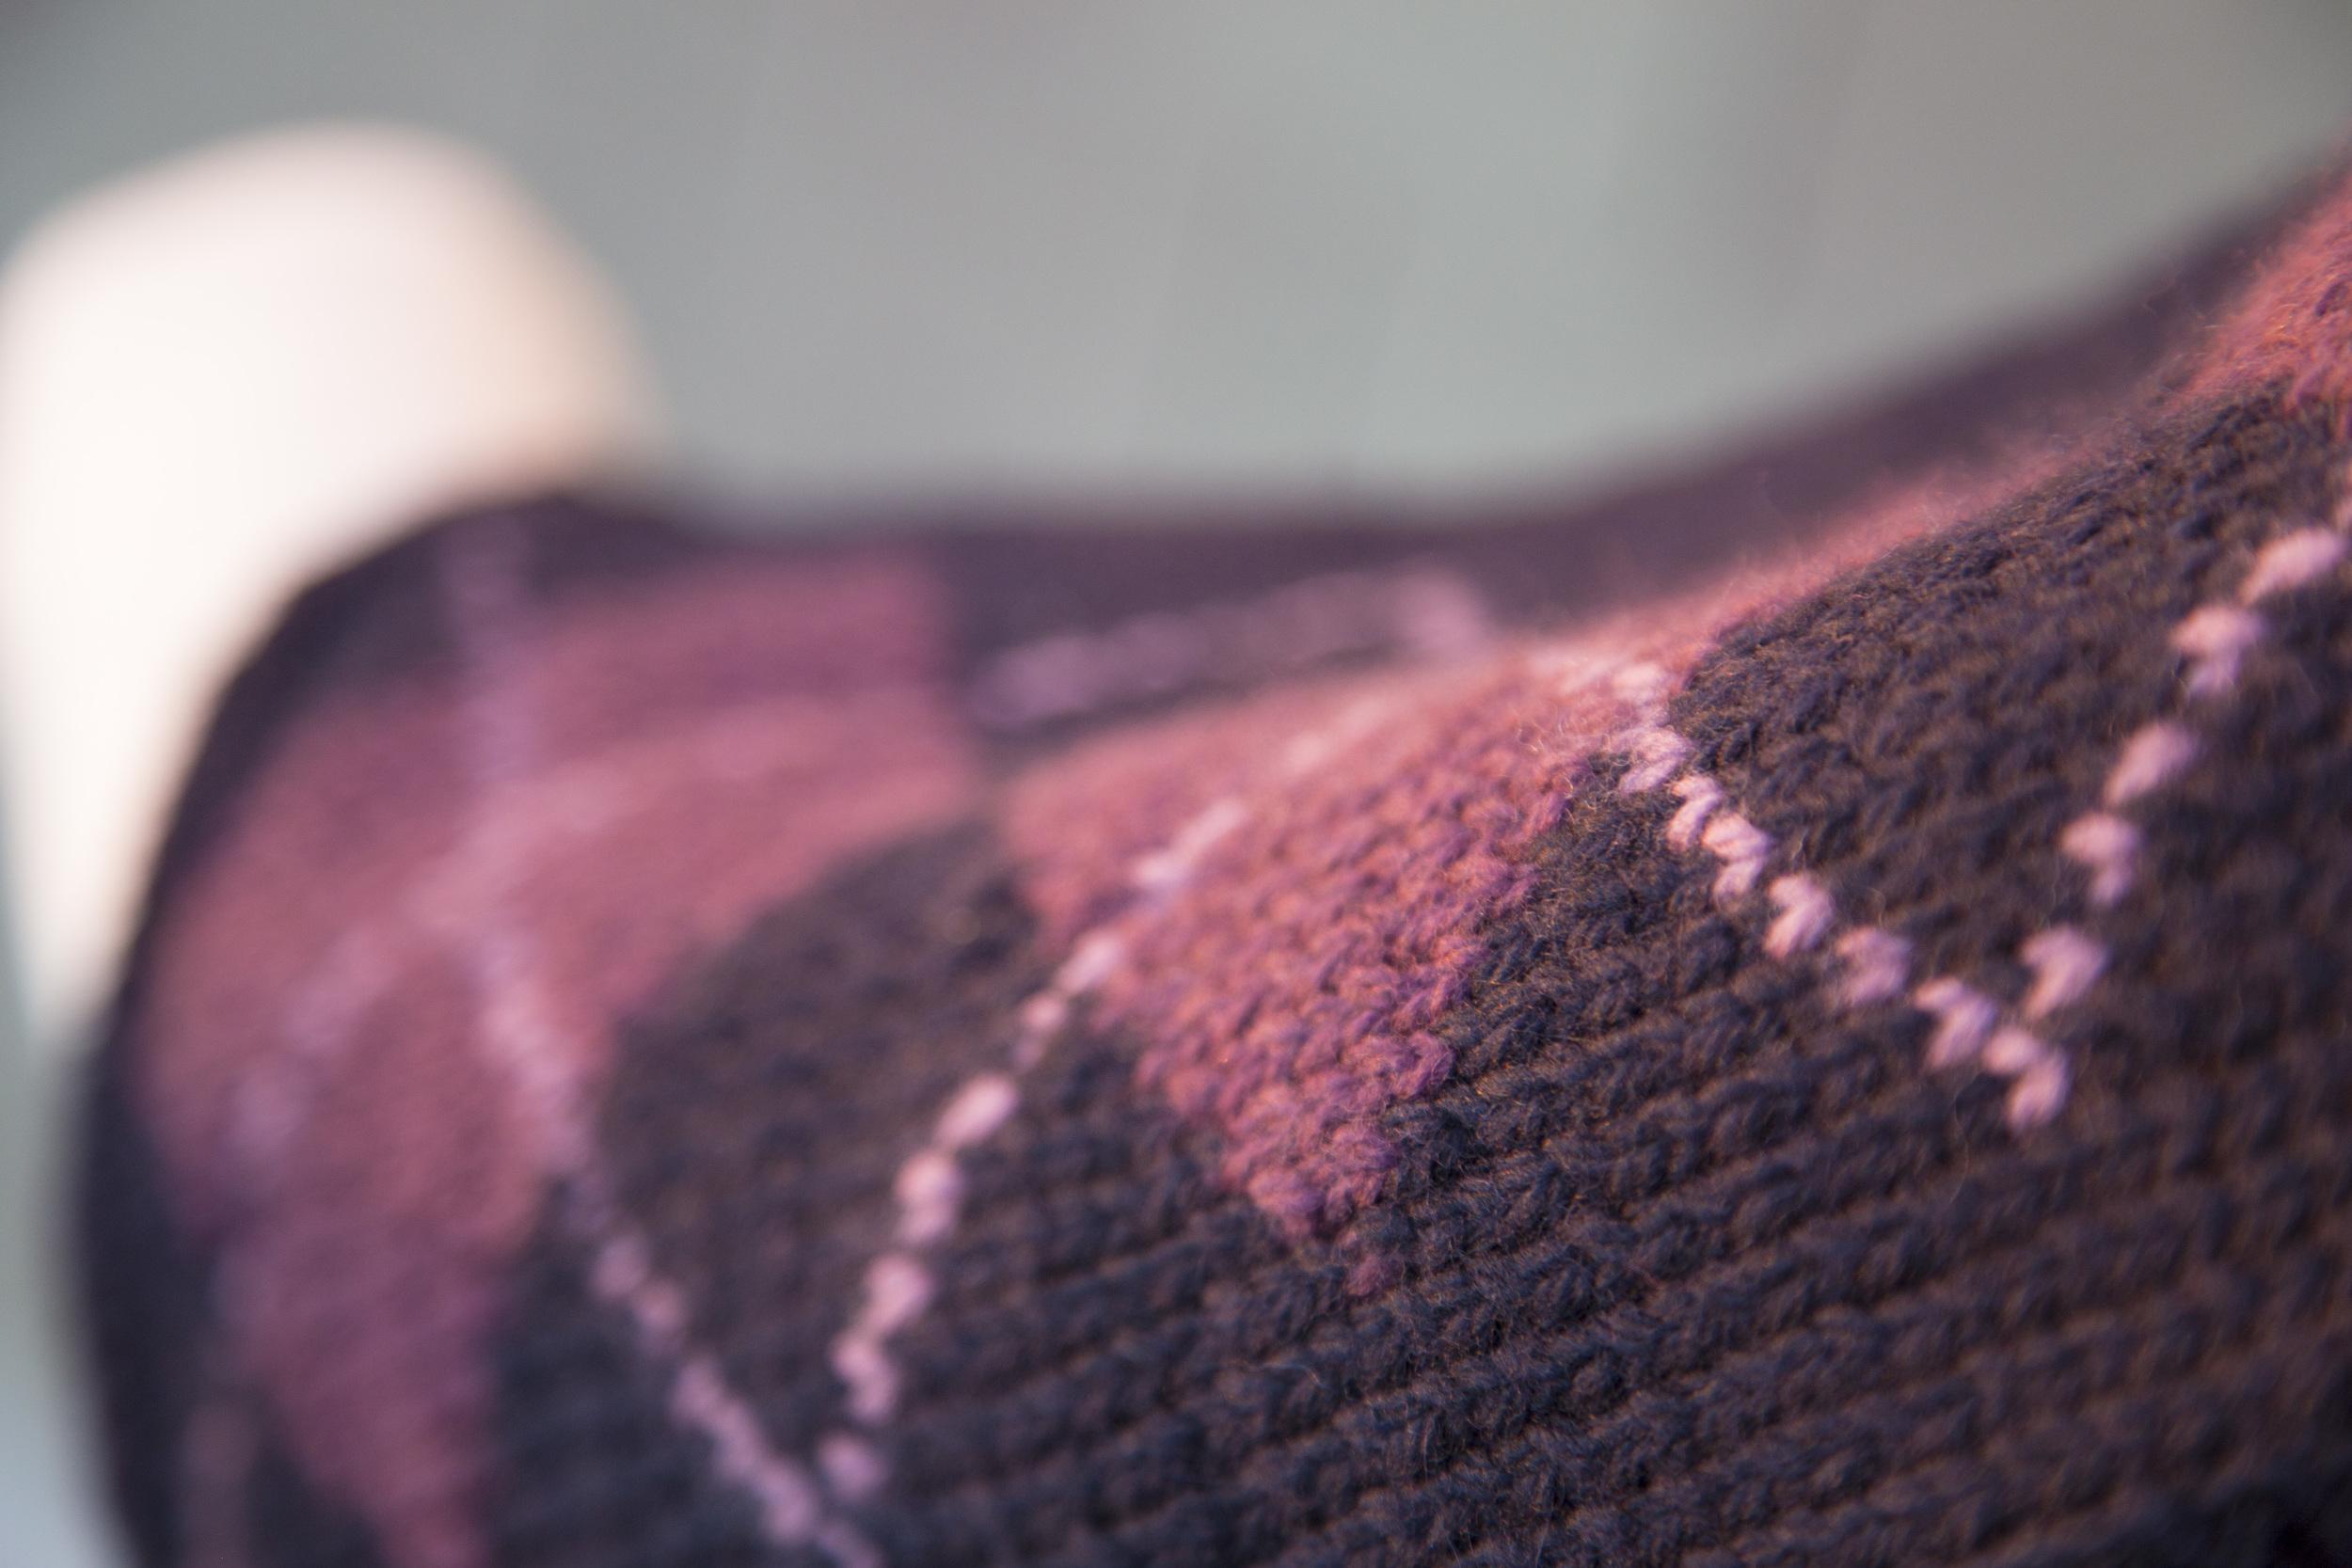 Knitting_33.jpg